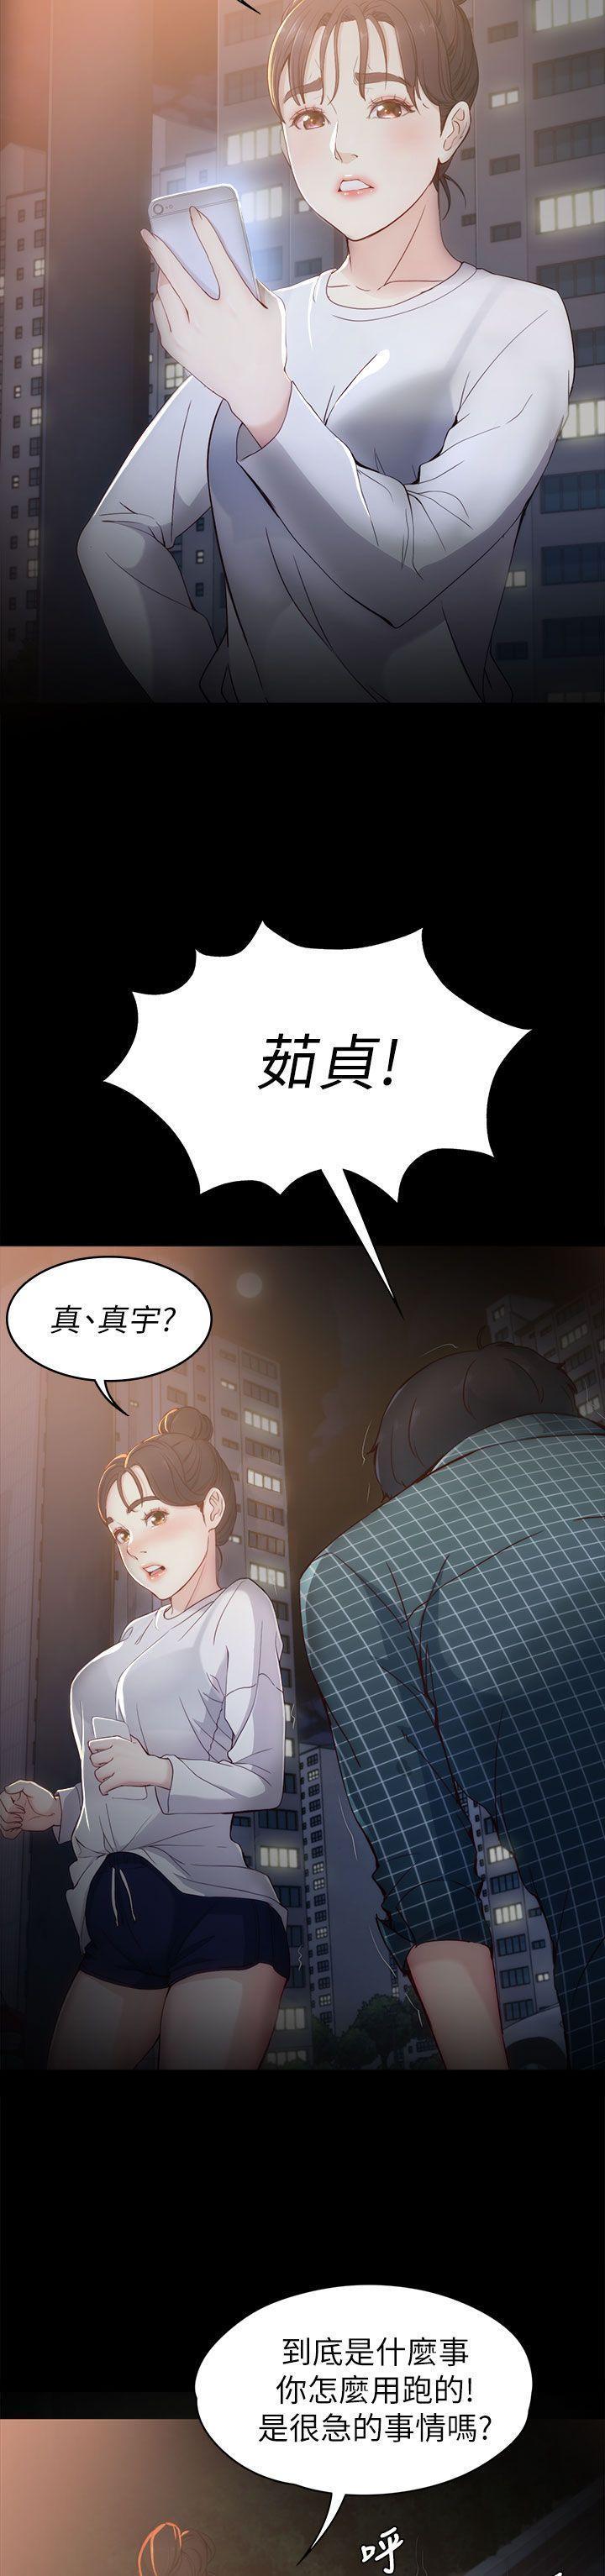 韩国漫画女大生世晶无法自拔